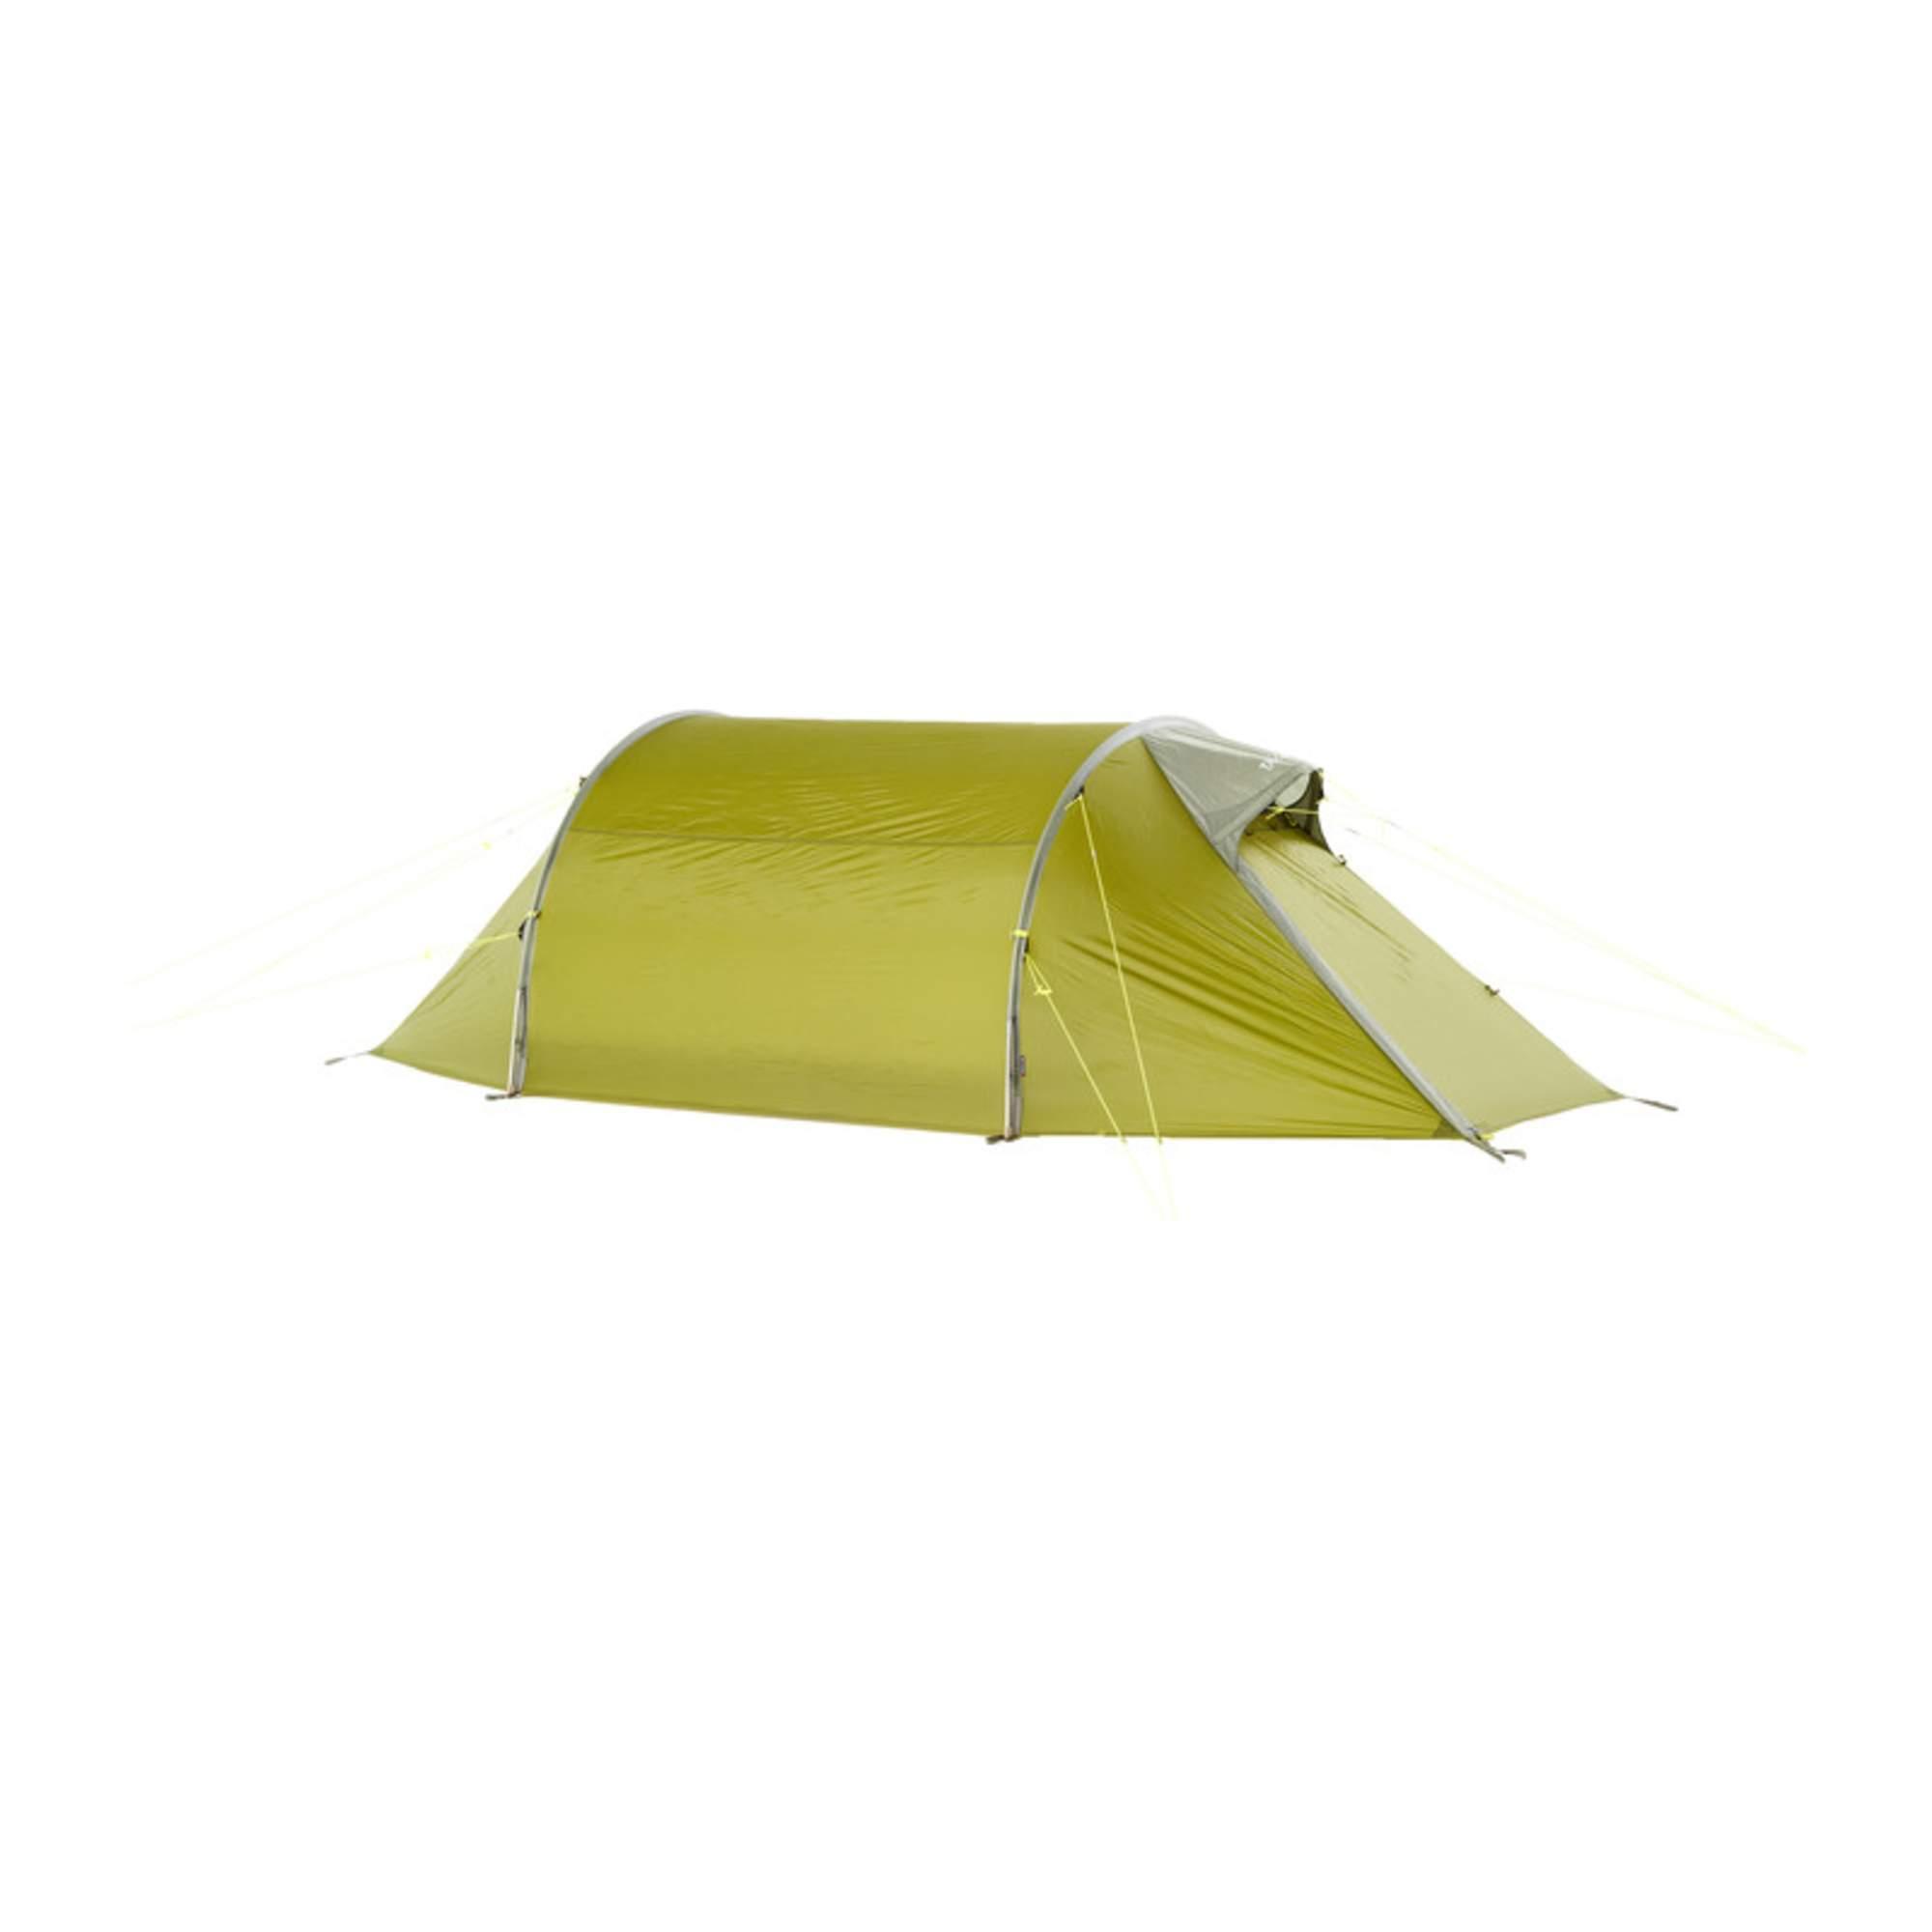 zeltvergleich outdoor- und camping-zelte vergleichen, Hause ideen